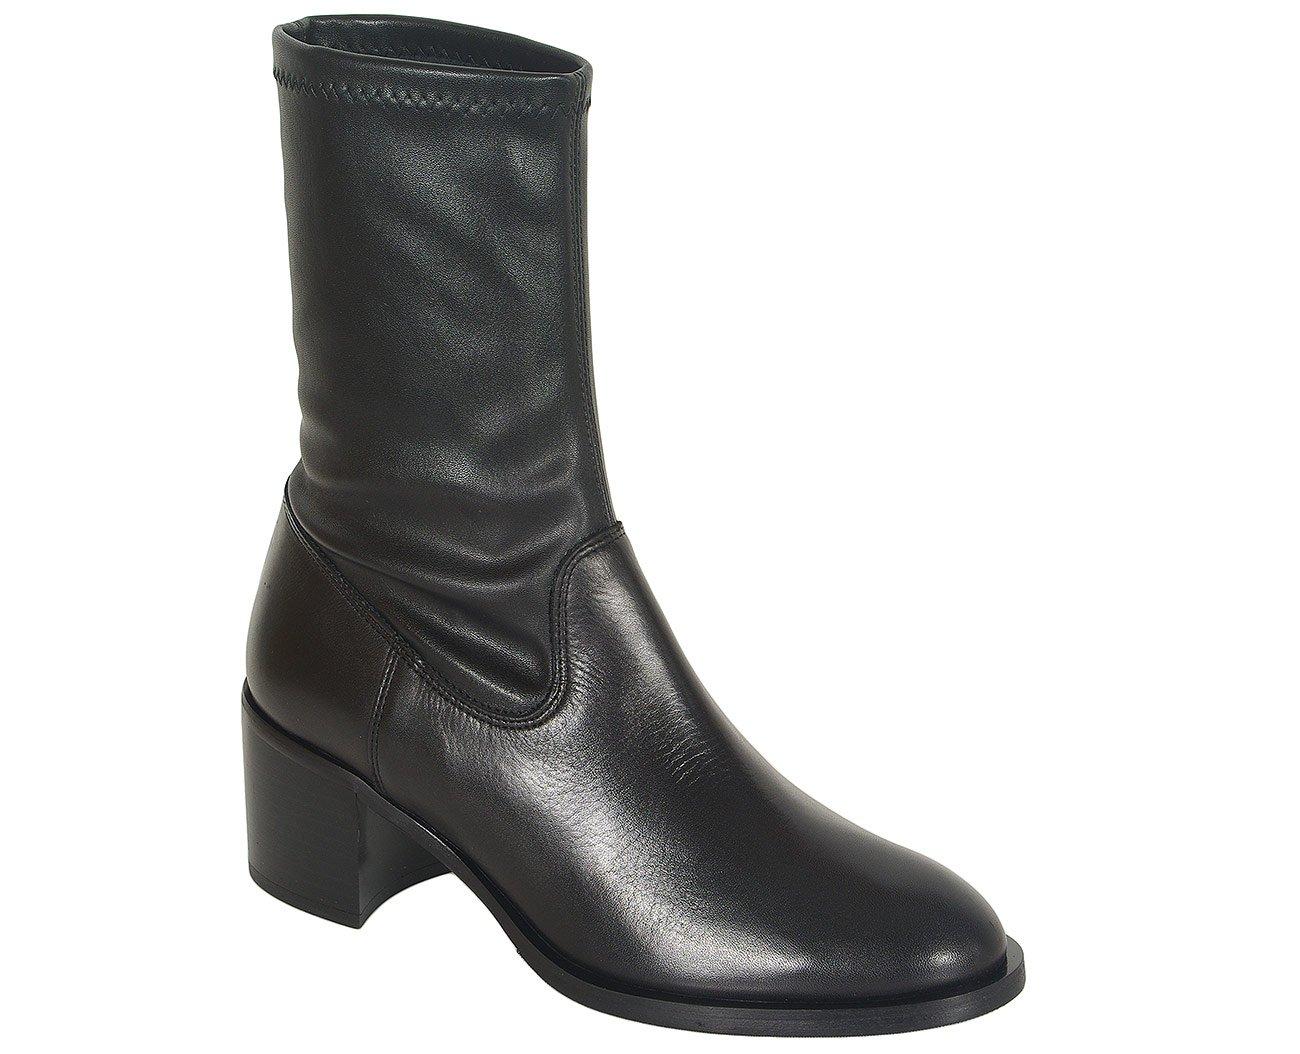 Solo Femme 24719 botki czarny